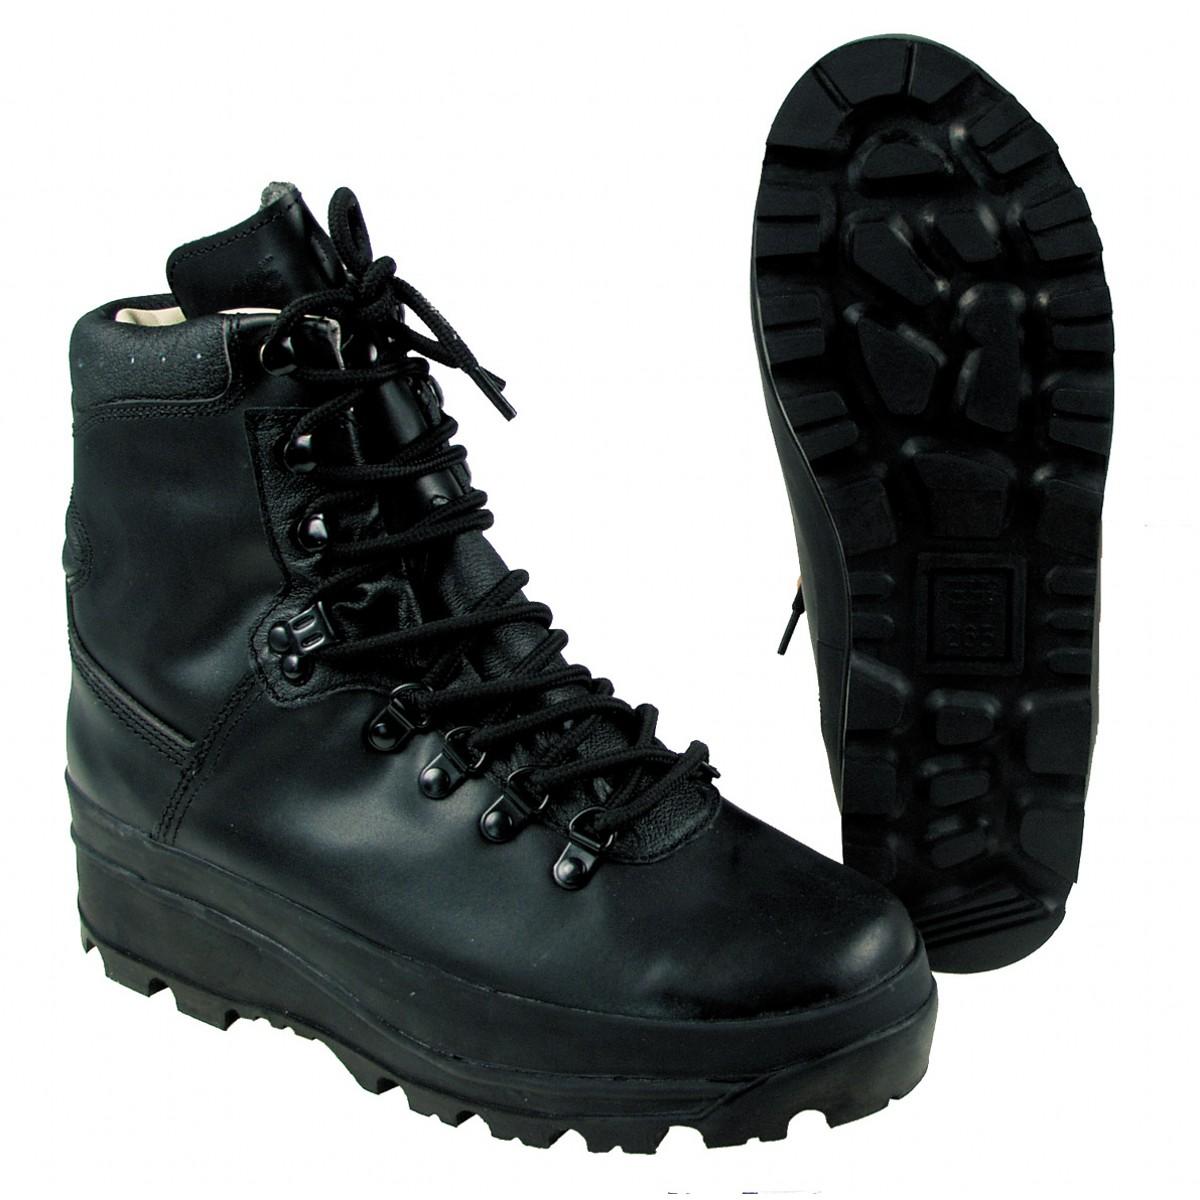 BW Mountain Boots Breathtex Lining Anfibio da Montagna e Non 0151717457b